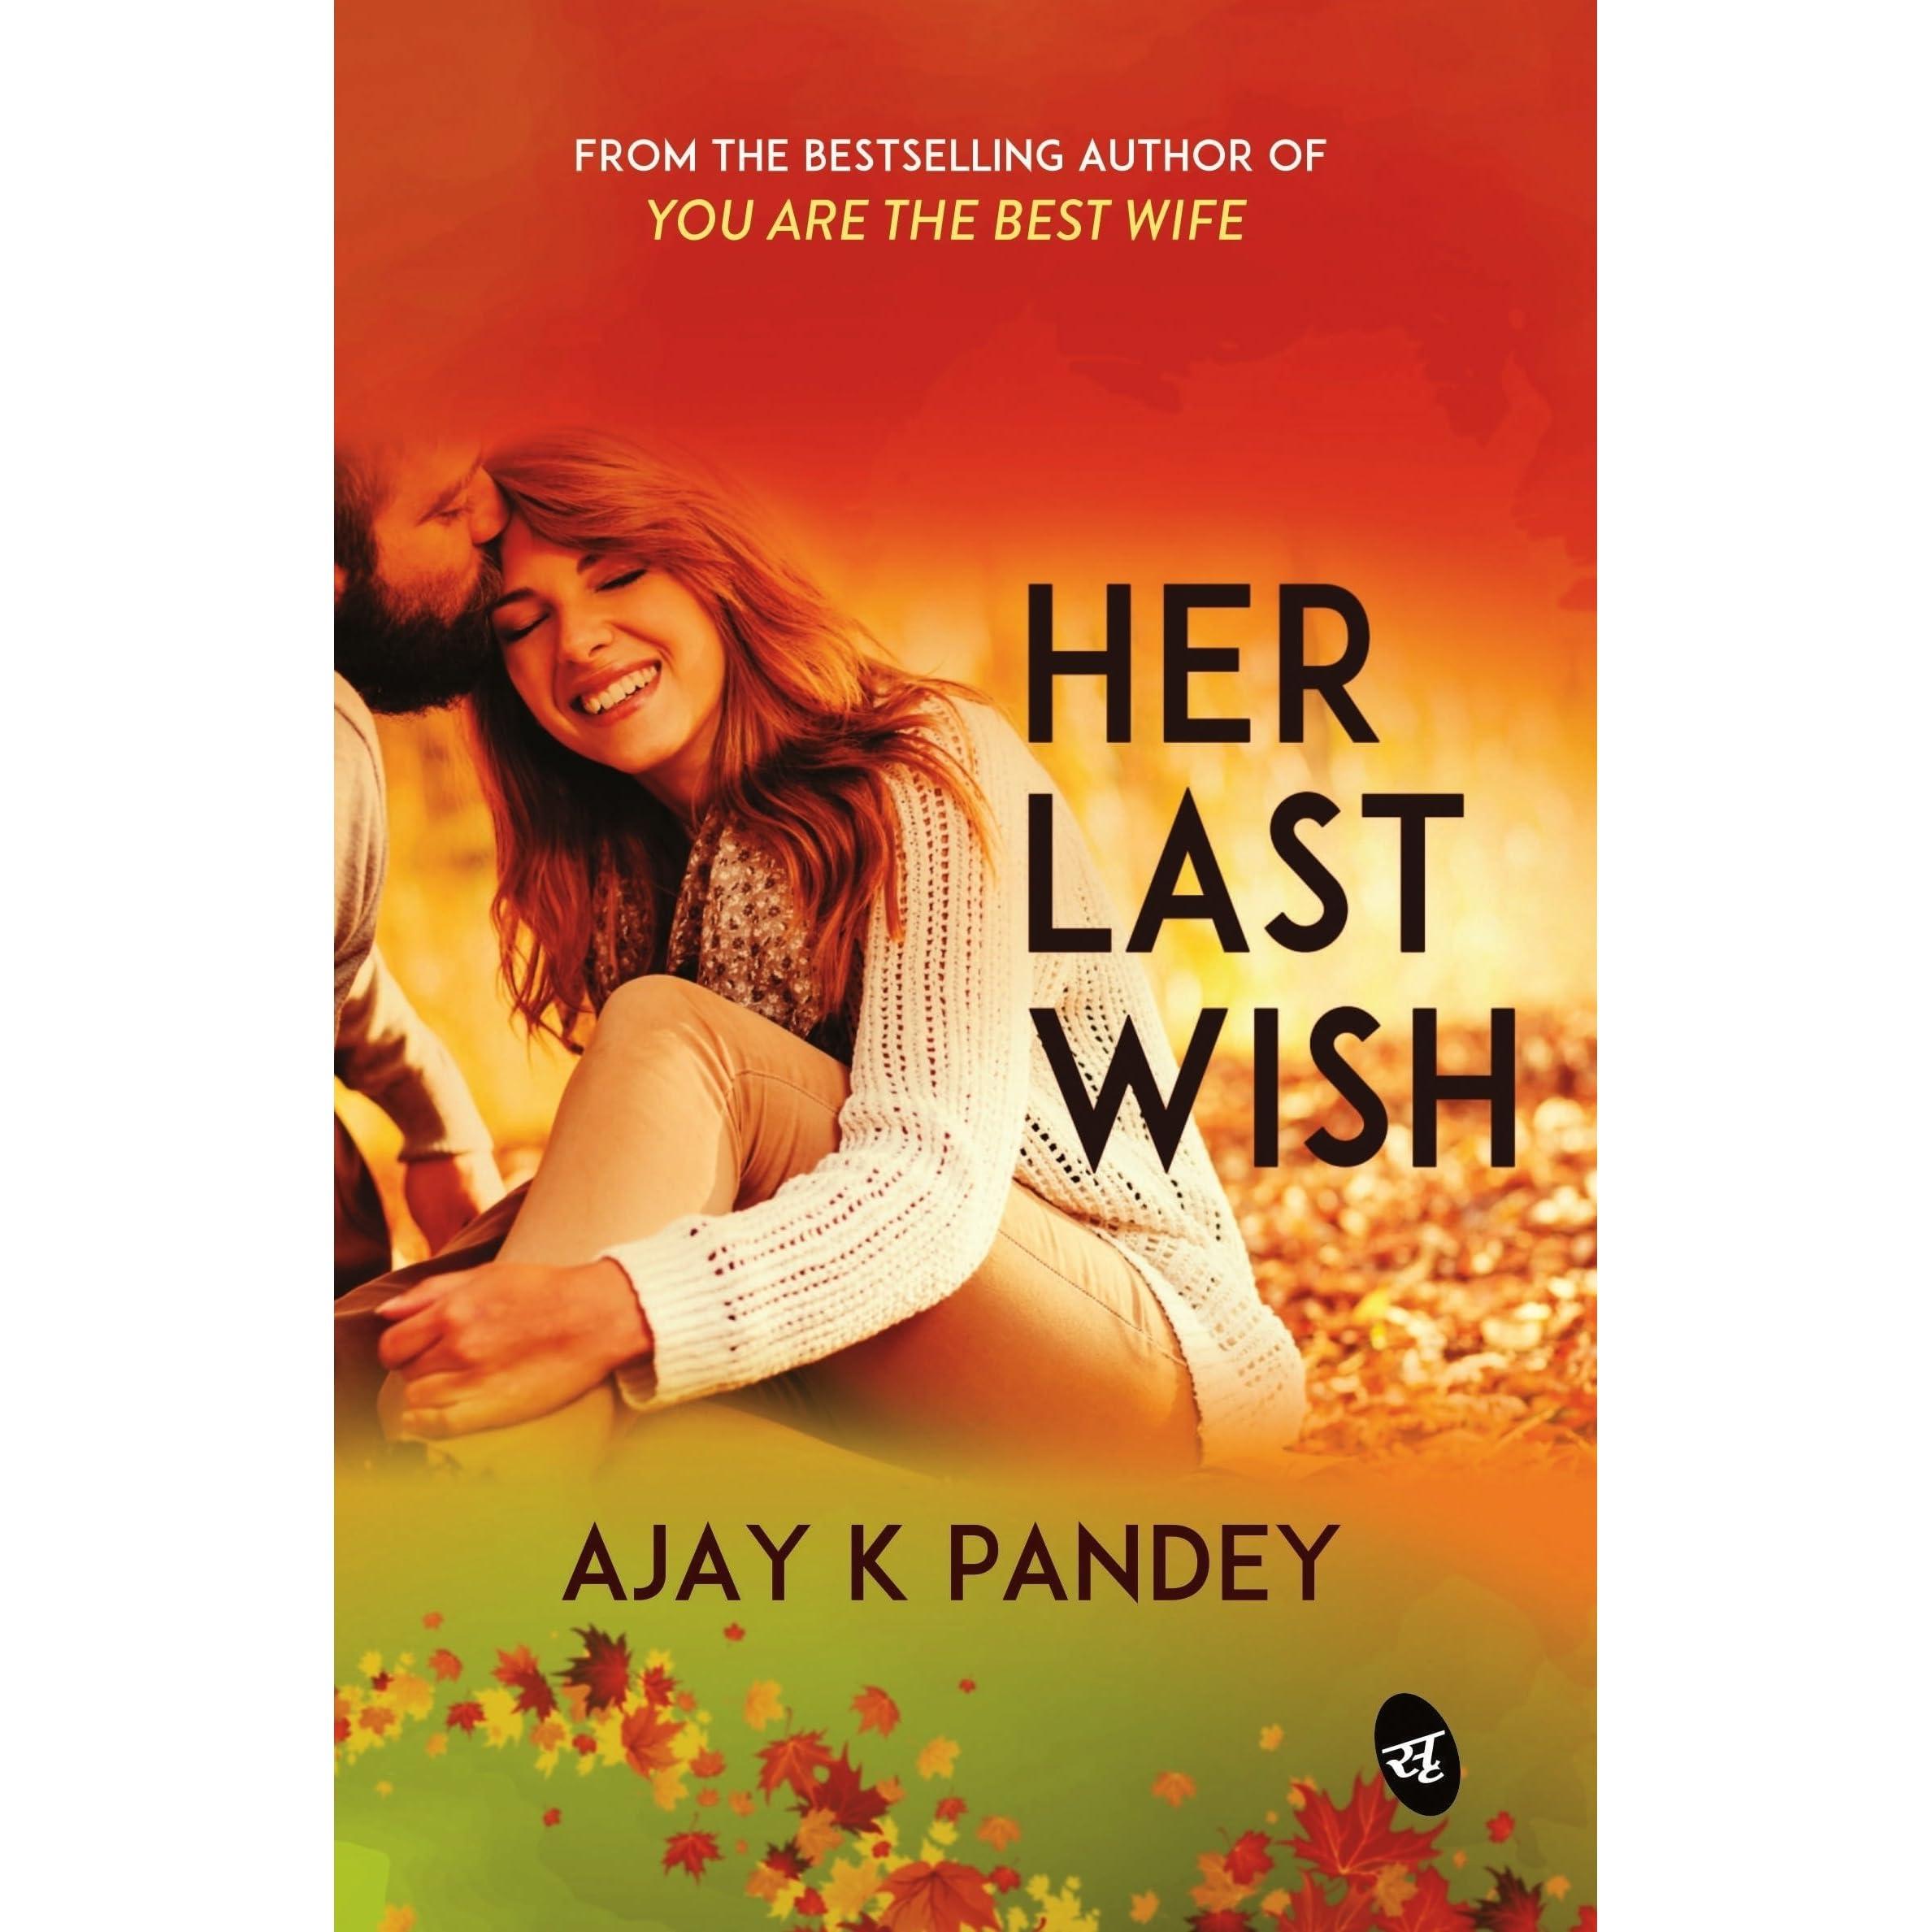 Banaja Prakashinis Review Of Her Last Wish